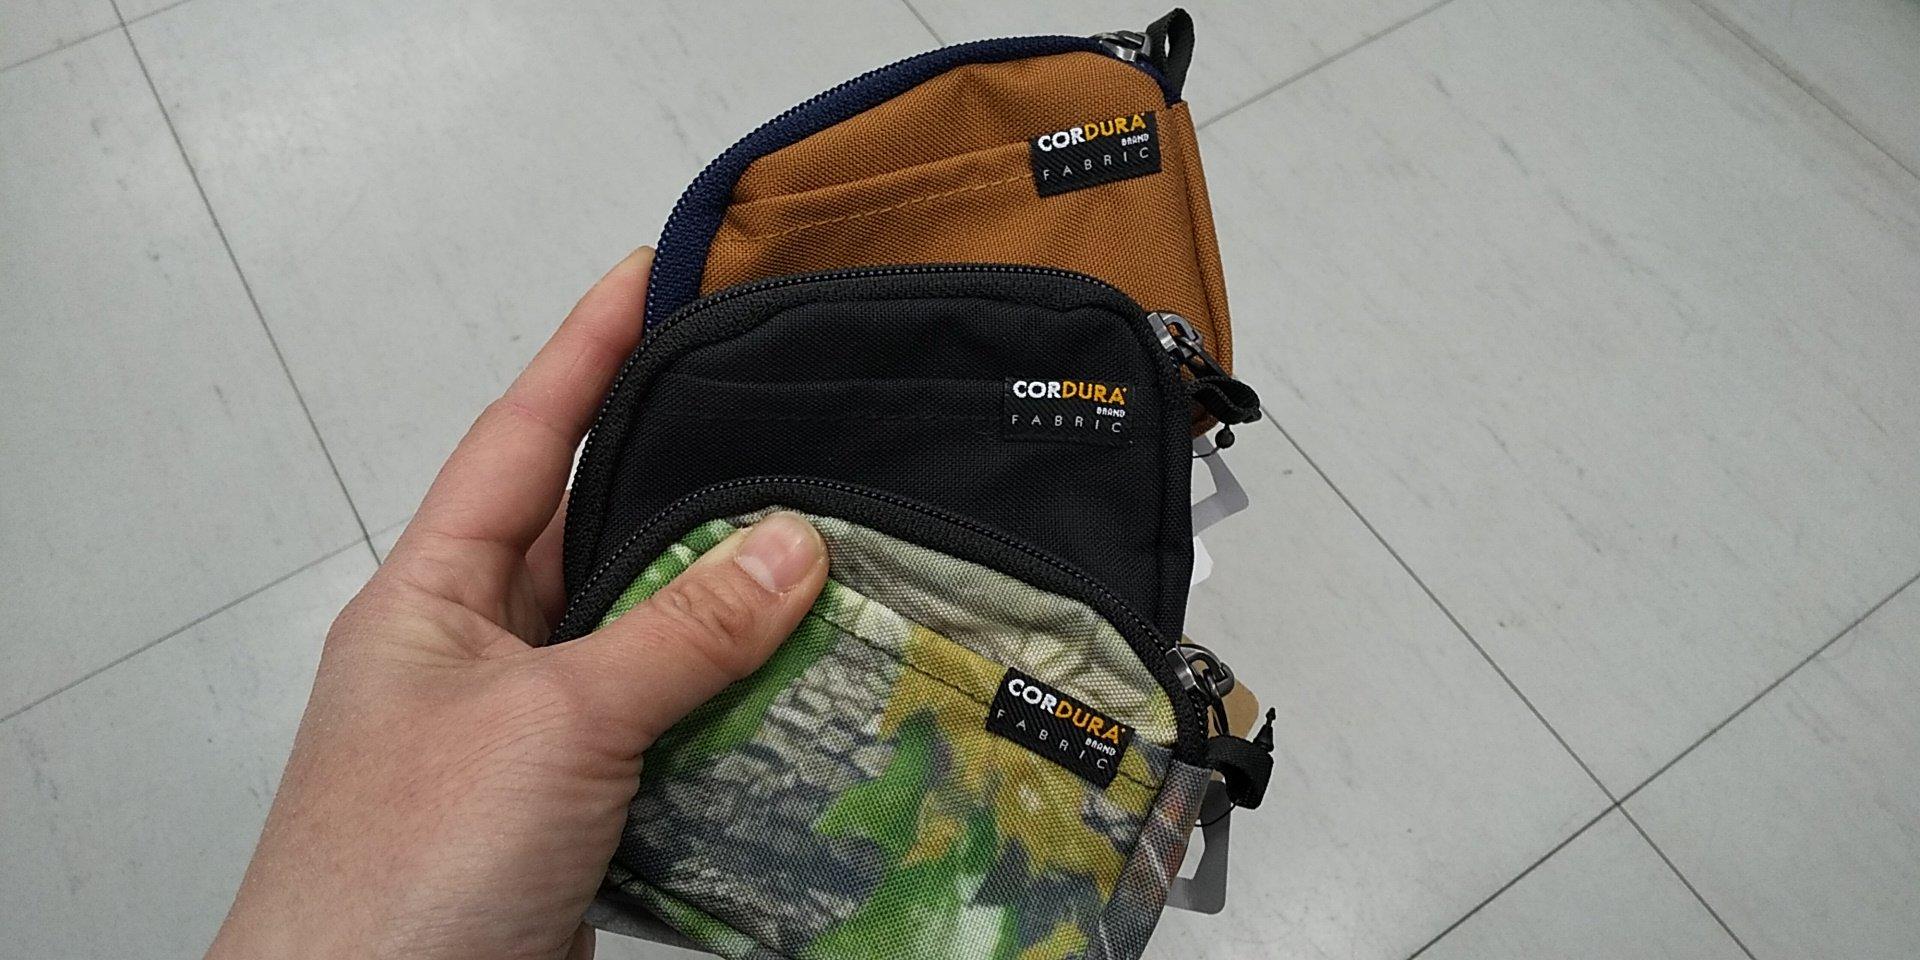 色ち買いする人も【ワークマン】ベストセラー「499円ミニ財布」小型化に需要増